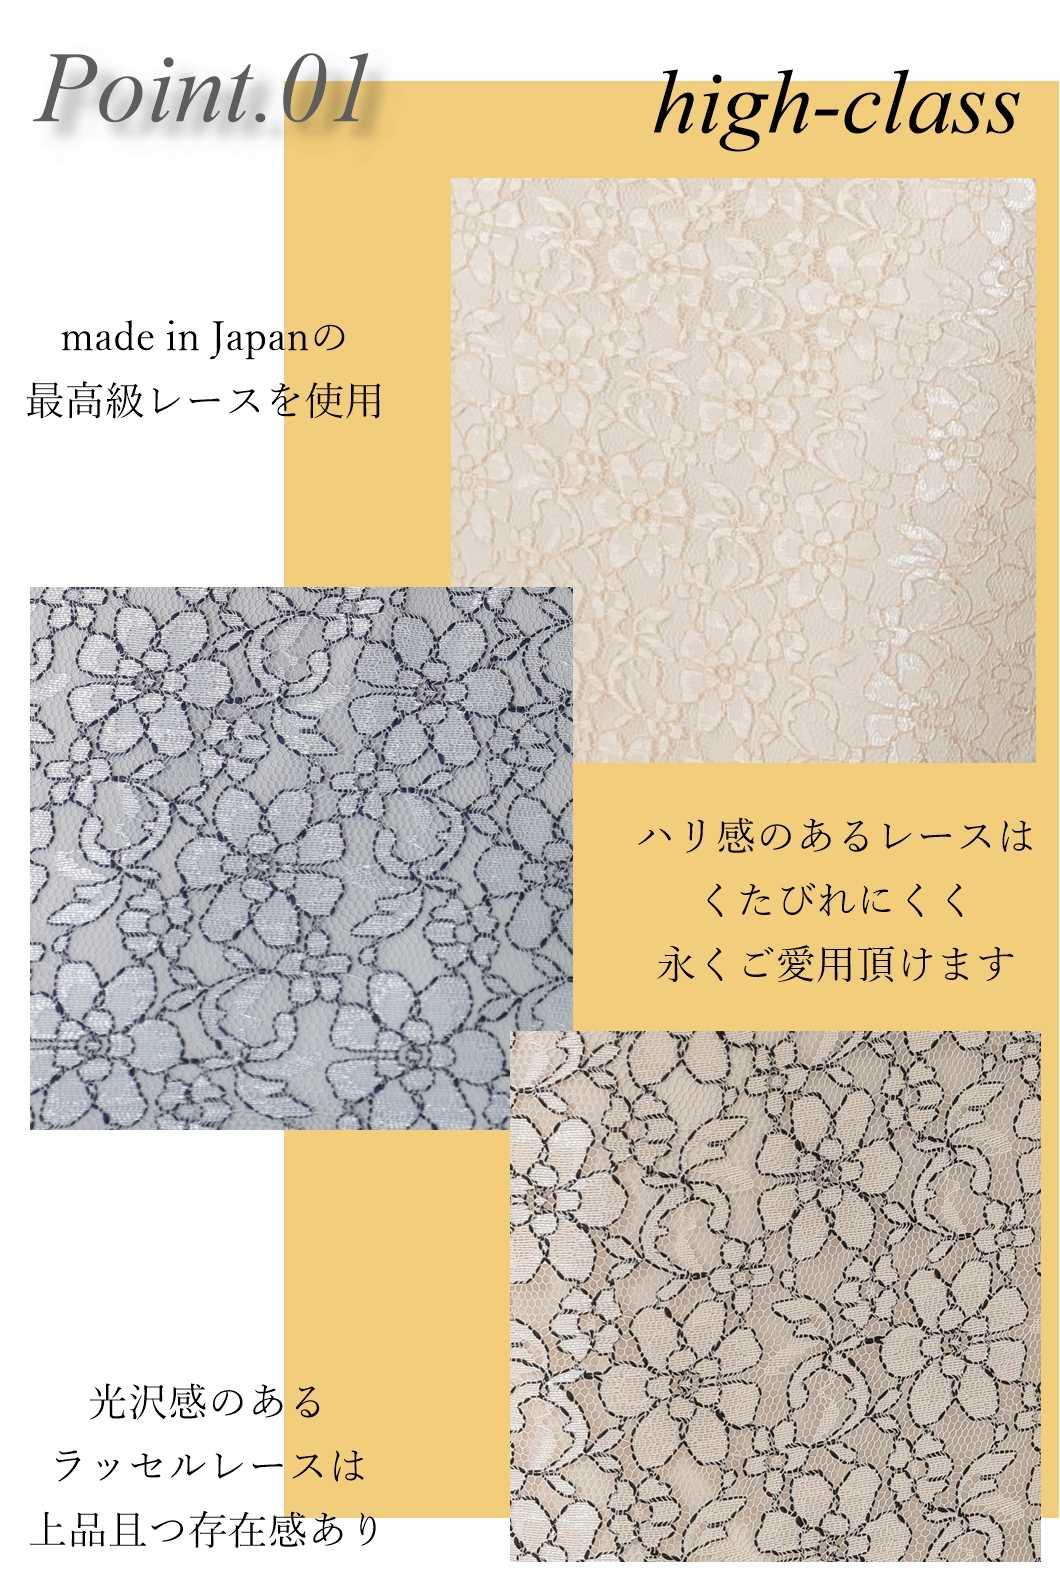 上質な日本製レースを使用し、高級感溢れるドレス